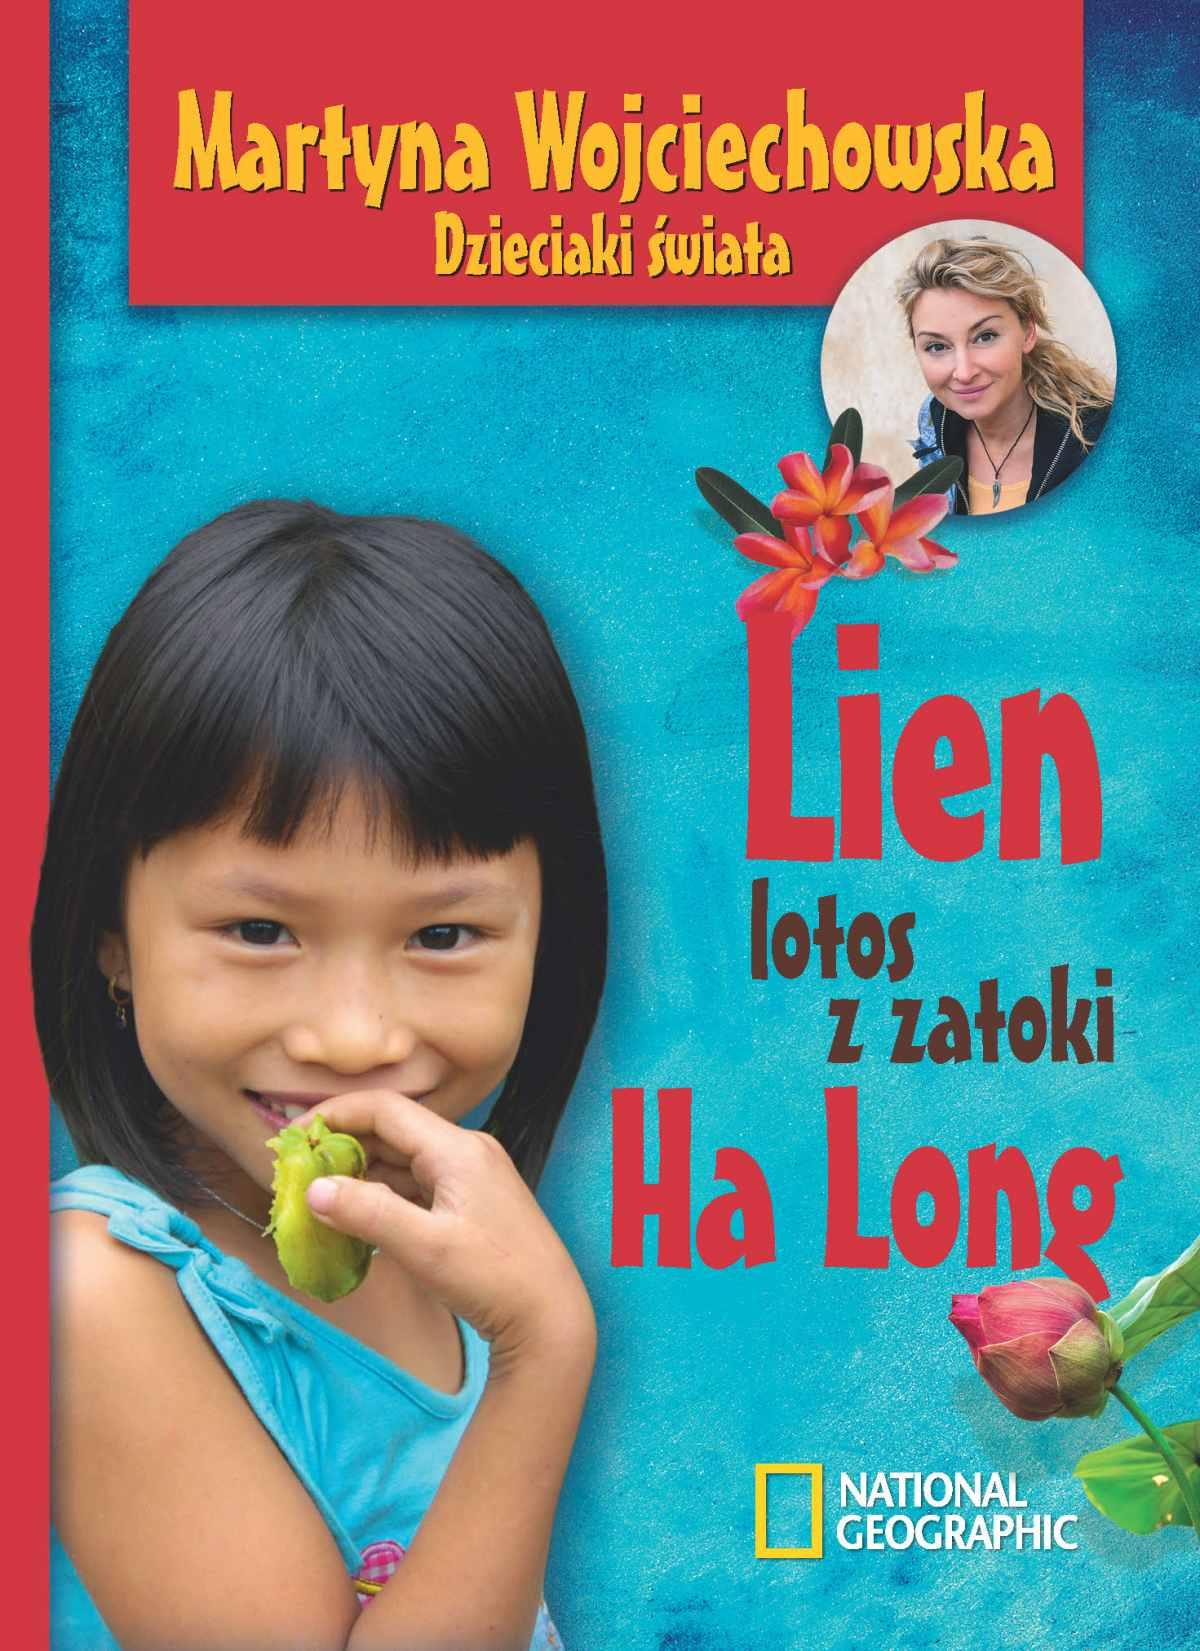 Lien, lotos z zatoki Ha Long - Ebook (Książka na Kindle) do pobrania w formacie MOBI